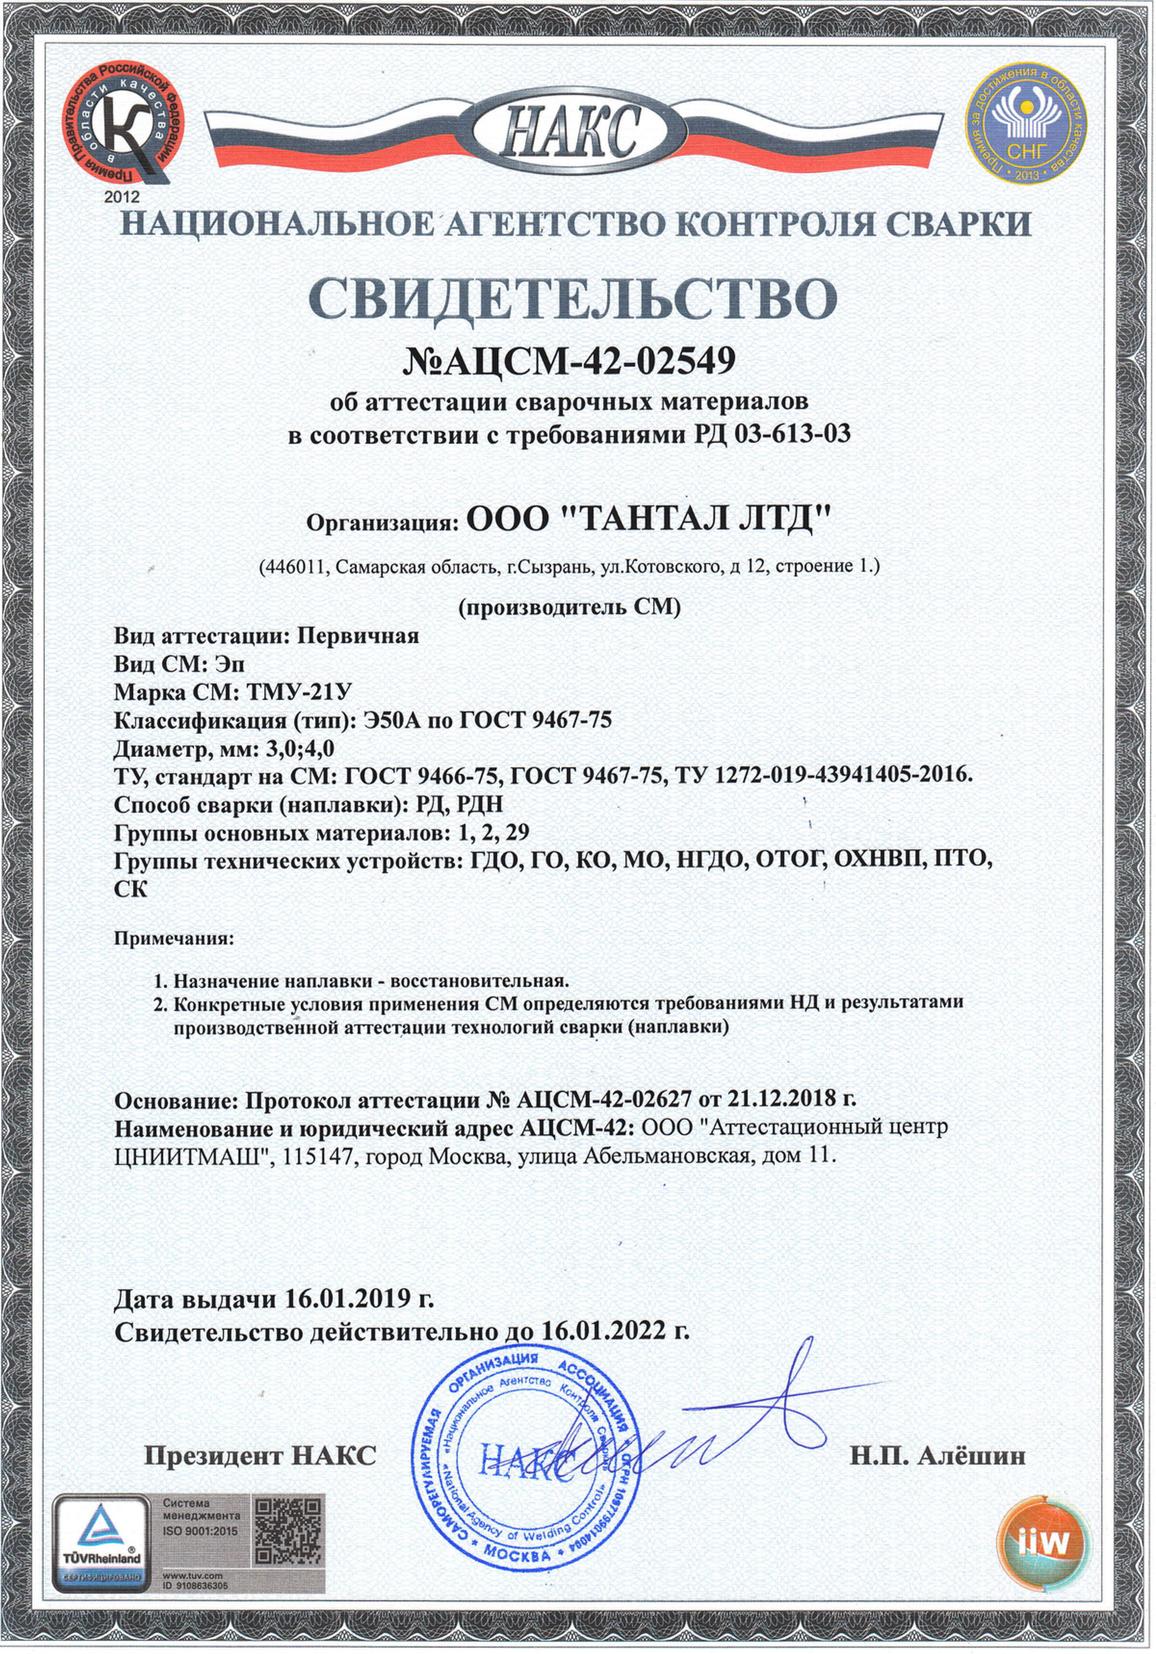 Свидетельство НАКС ТМУ-21У (3мм-4мм)